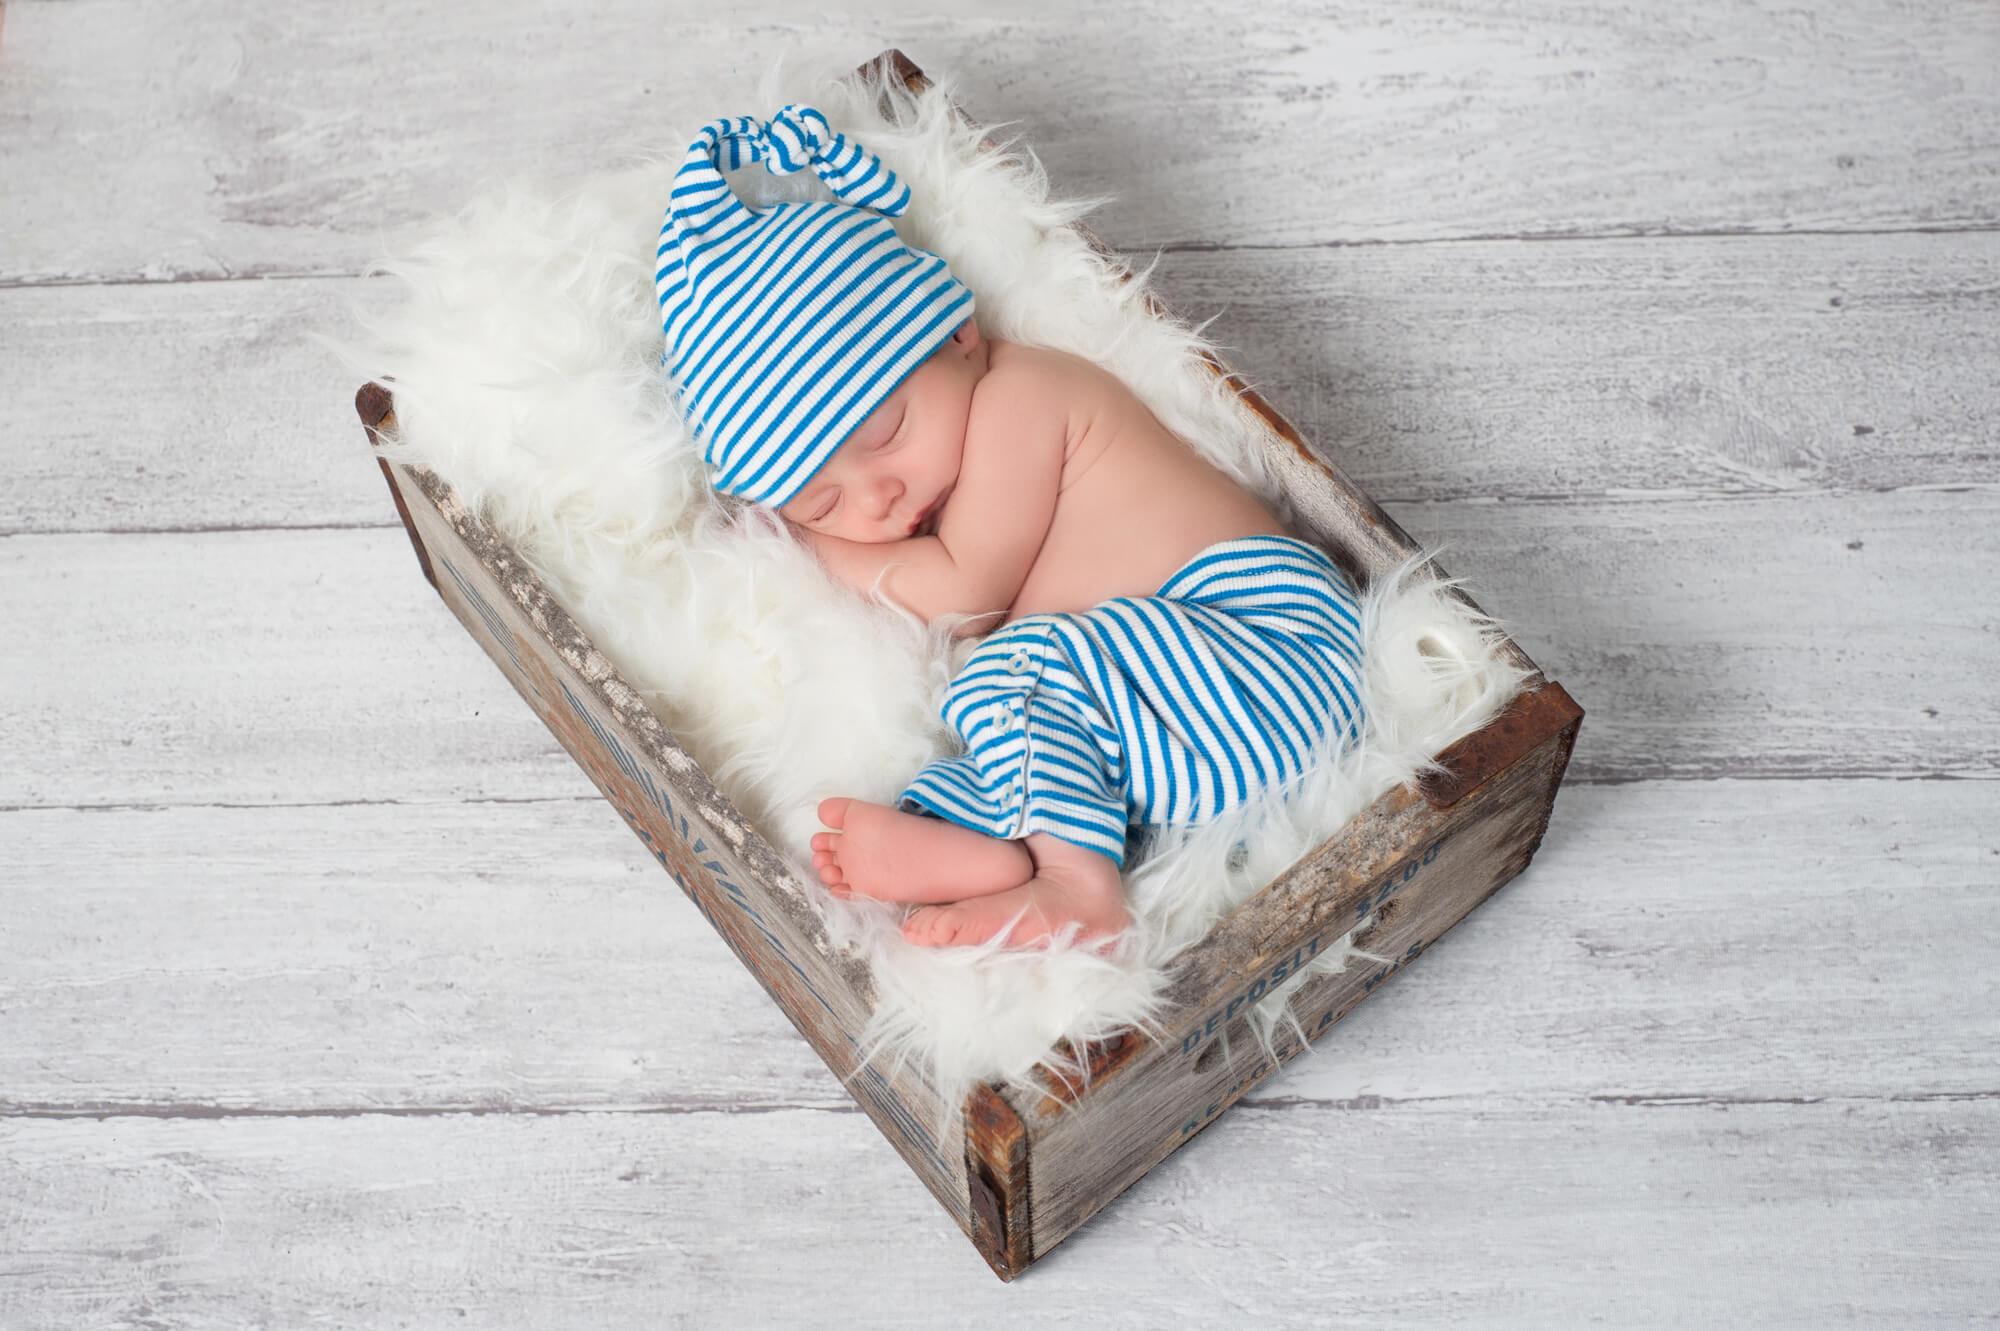 223975 quando fazer o ensaio newborn - quando-fazer-o-ensaio-newborn.jpeg